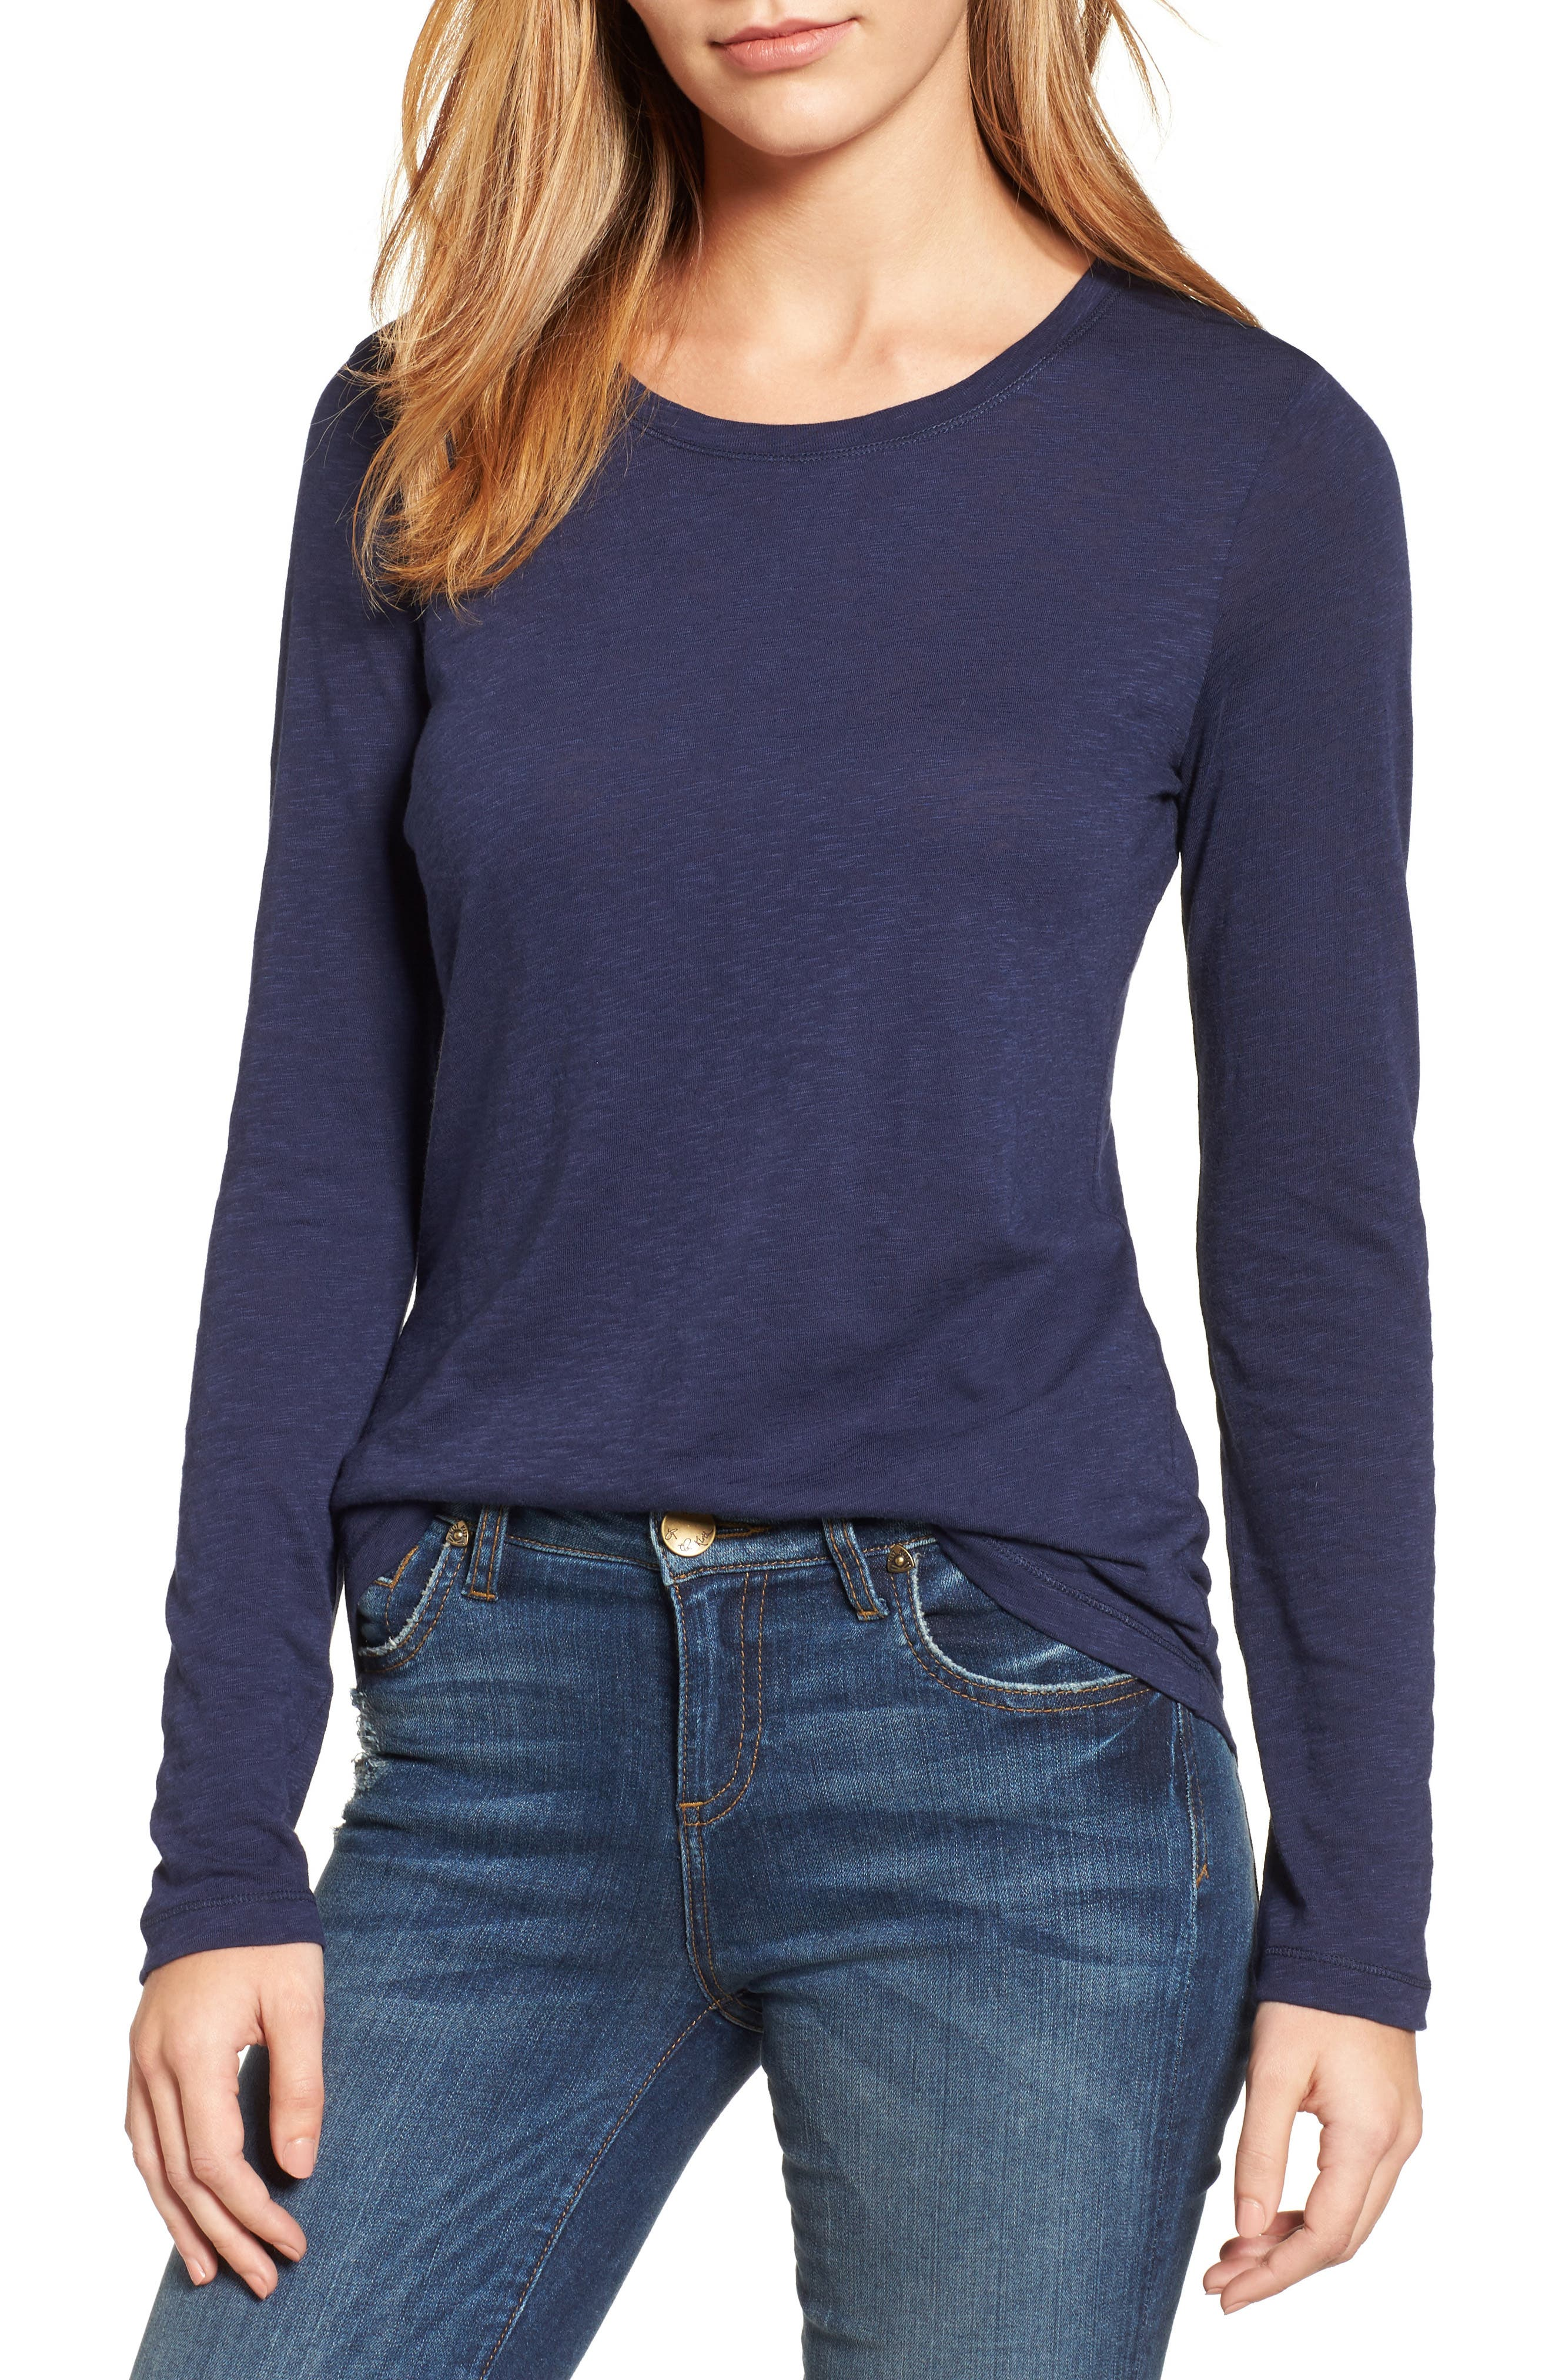 Women's Caslon Long Sleeve Crewneck T-Shirt